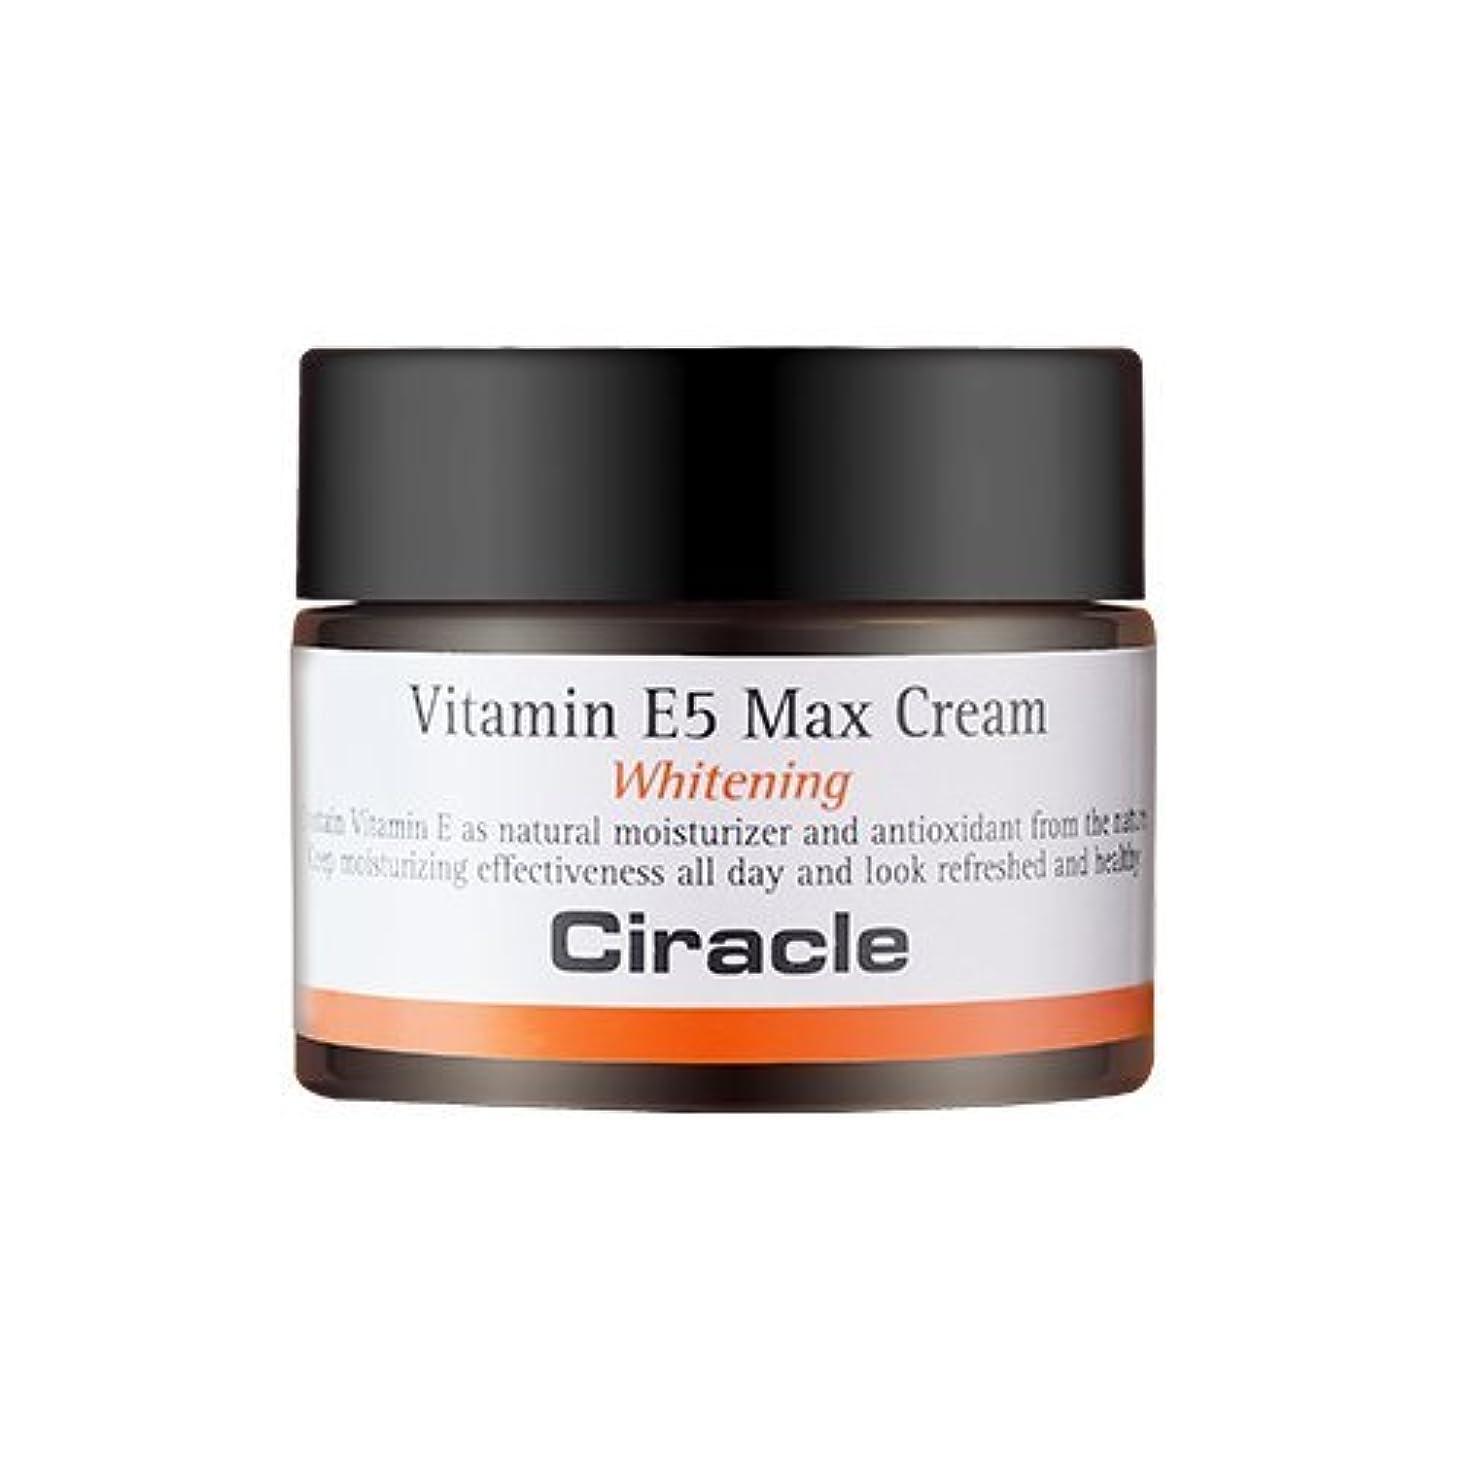 パースブラックボロウシャックルつま先Ciracle Vitamin E5 Max Cream シラクル ビタミンE5 マックス クリーム 50ml [並行輸入品]